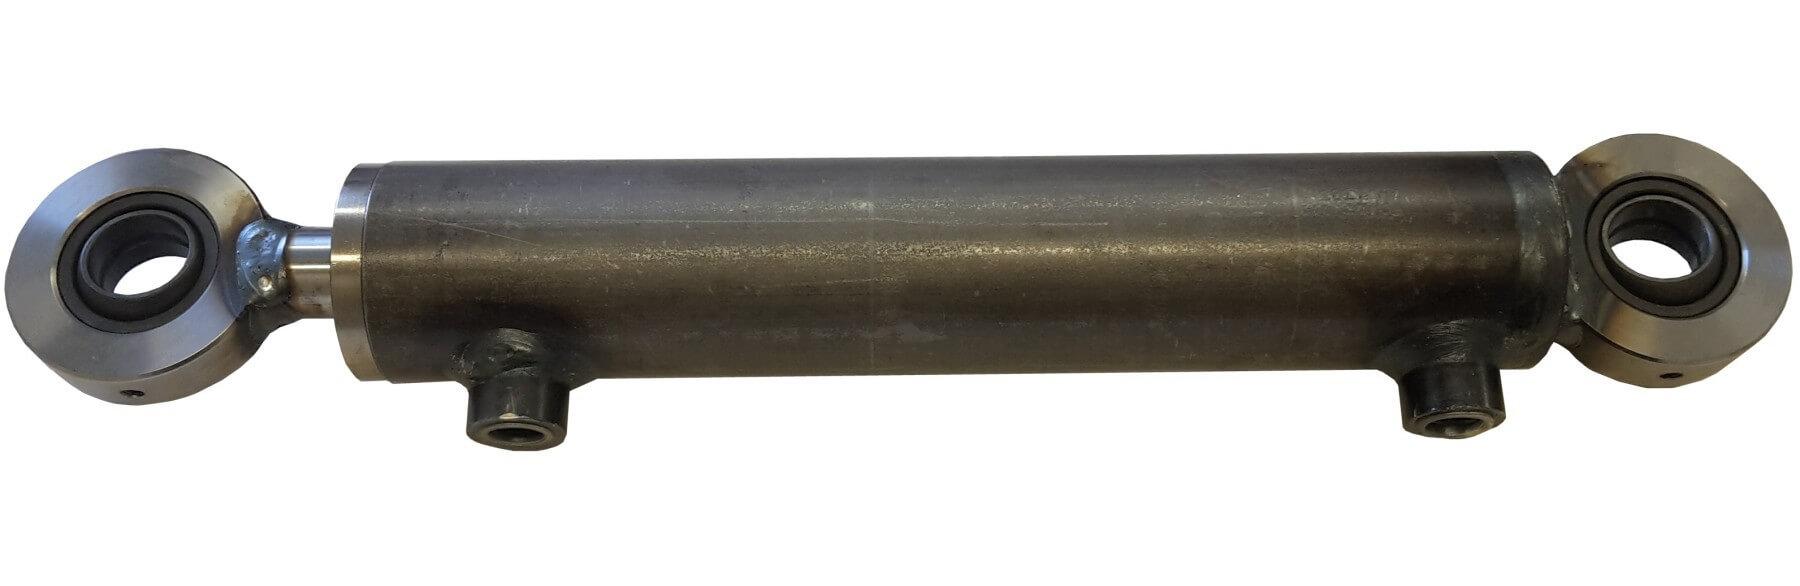 Hydraulisylinteri CL 100. 60. 1000 GE - Kailatec Oy Verkkokauppa